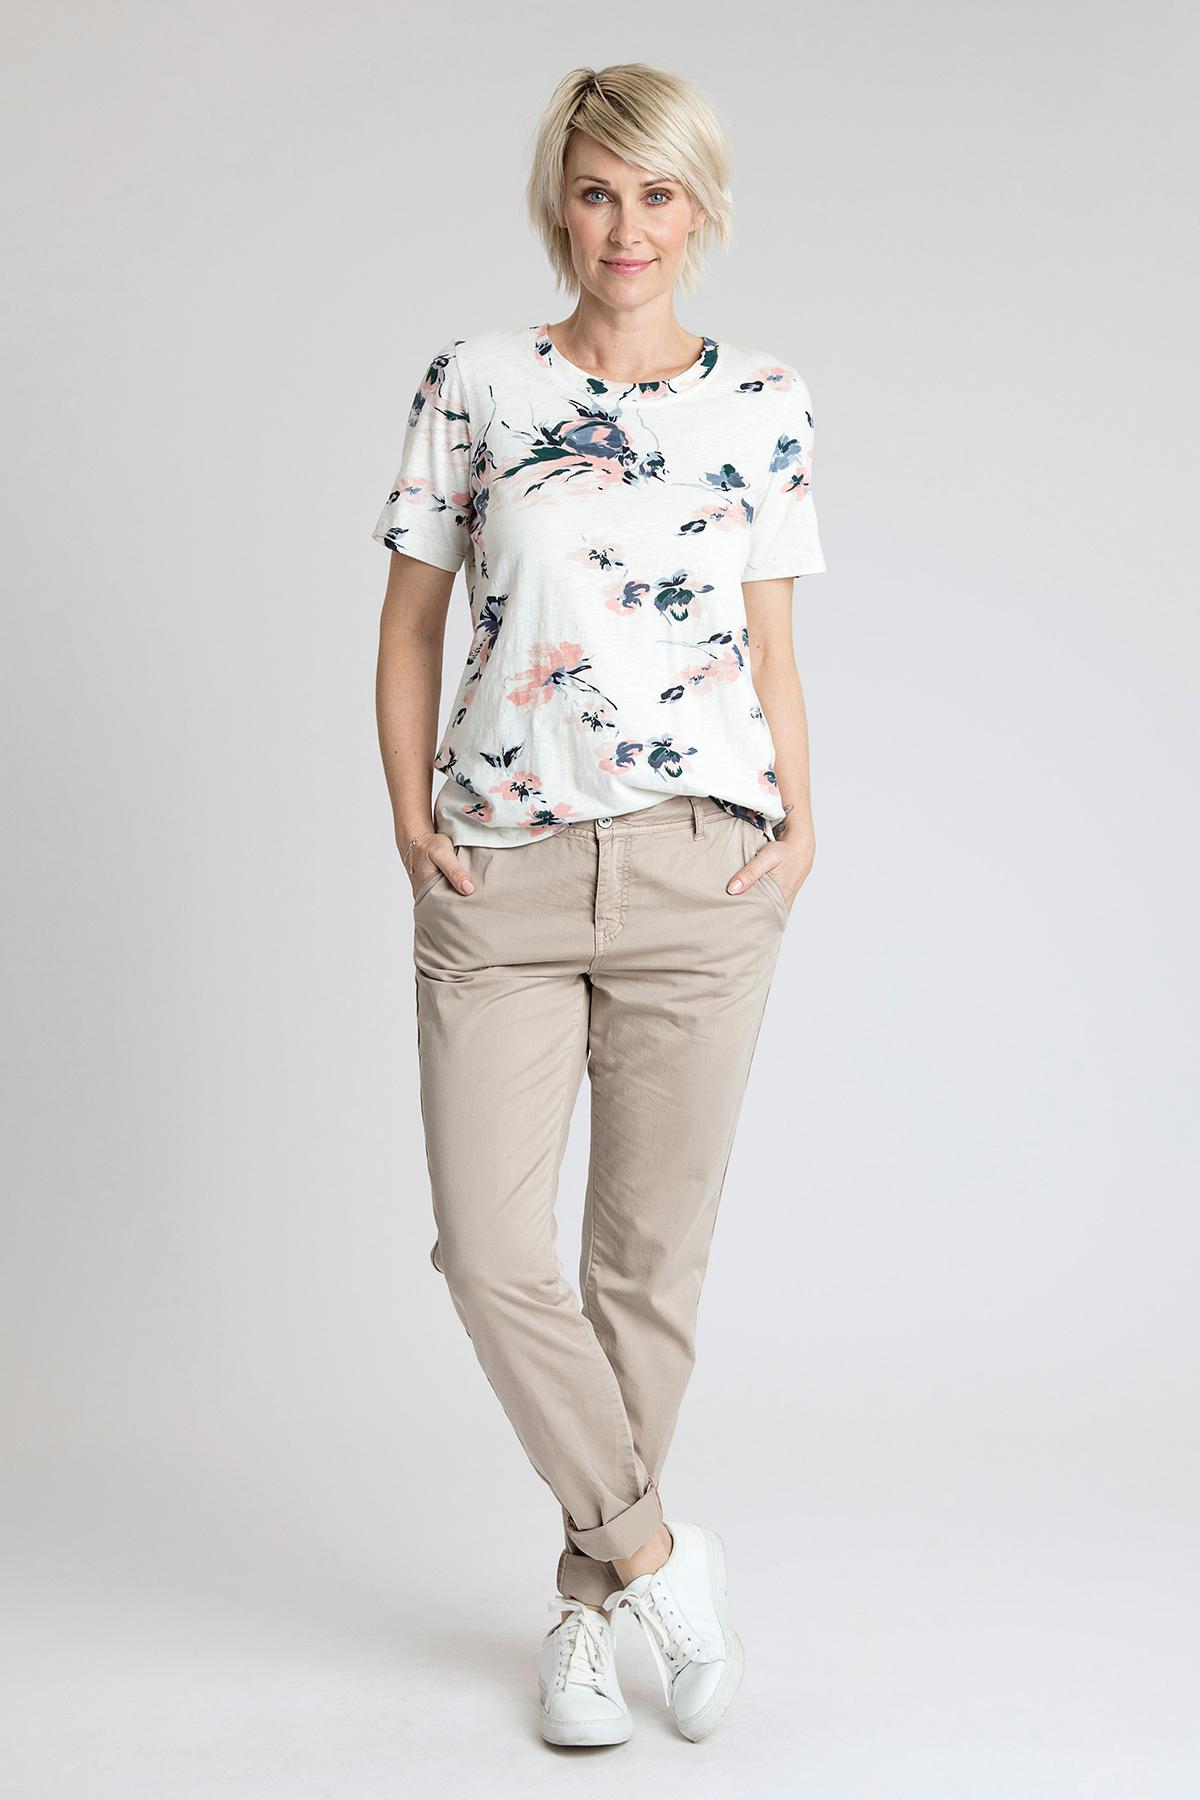 Off-white T-shirt korte mouw van Kaffe – Door Off-white T-shirt korte mouw van maat. XS-XXL hier